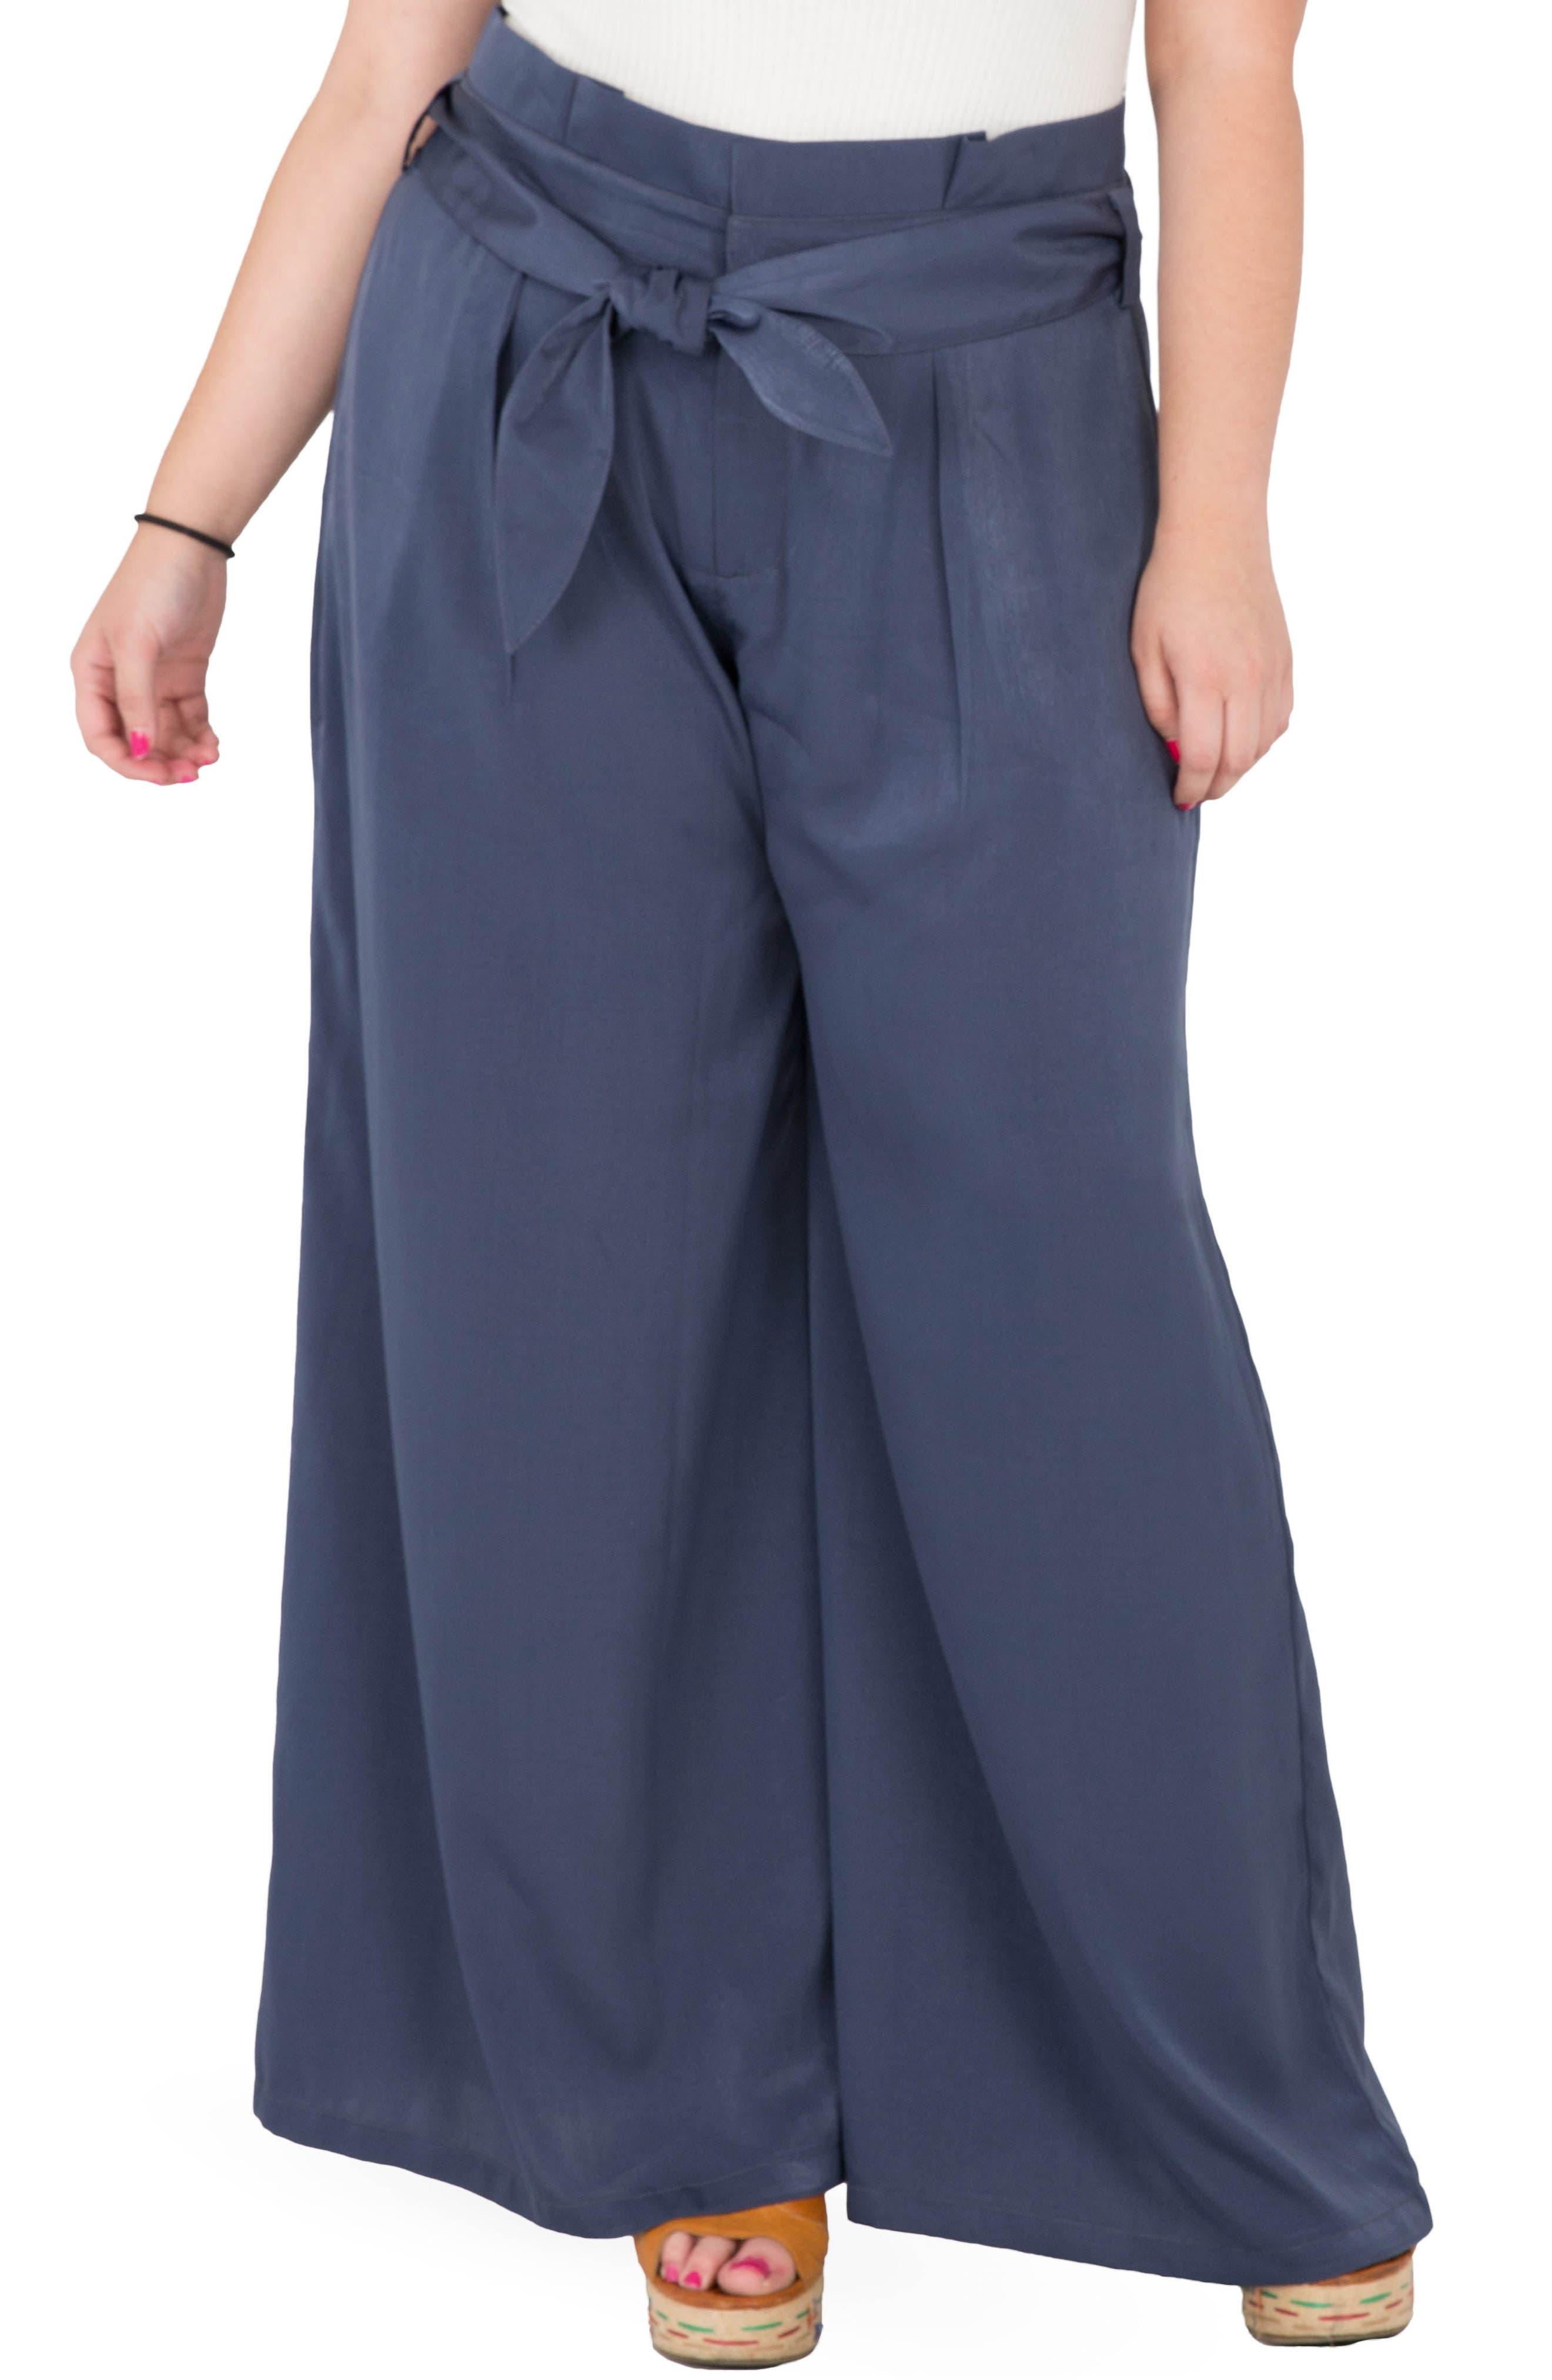 Sue Wide Leg Pants,                         Main,                         color, Navy